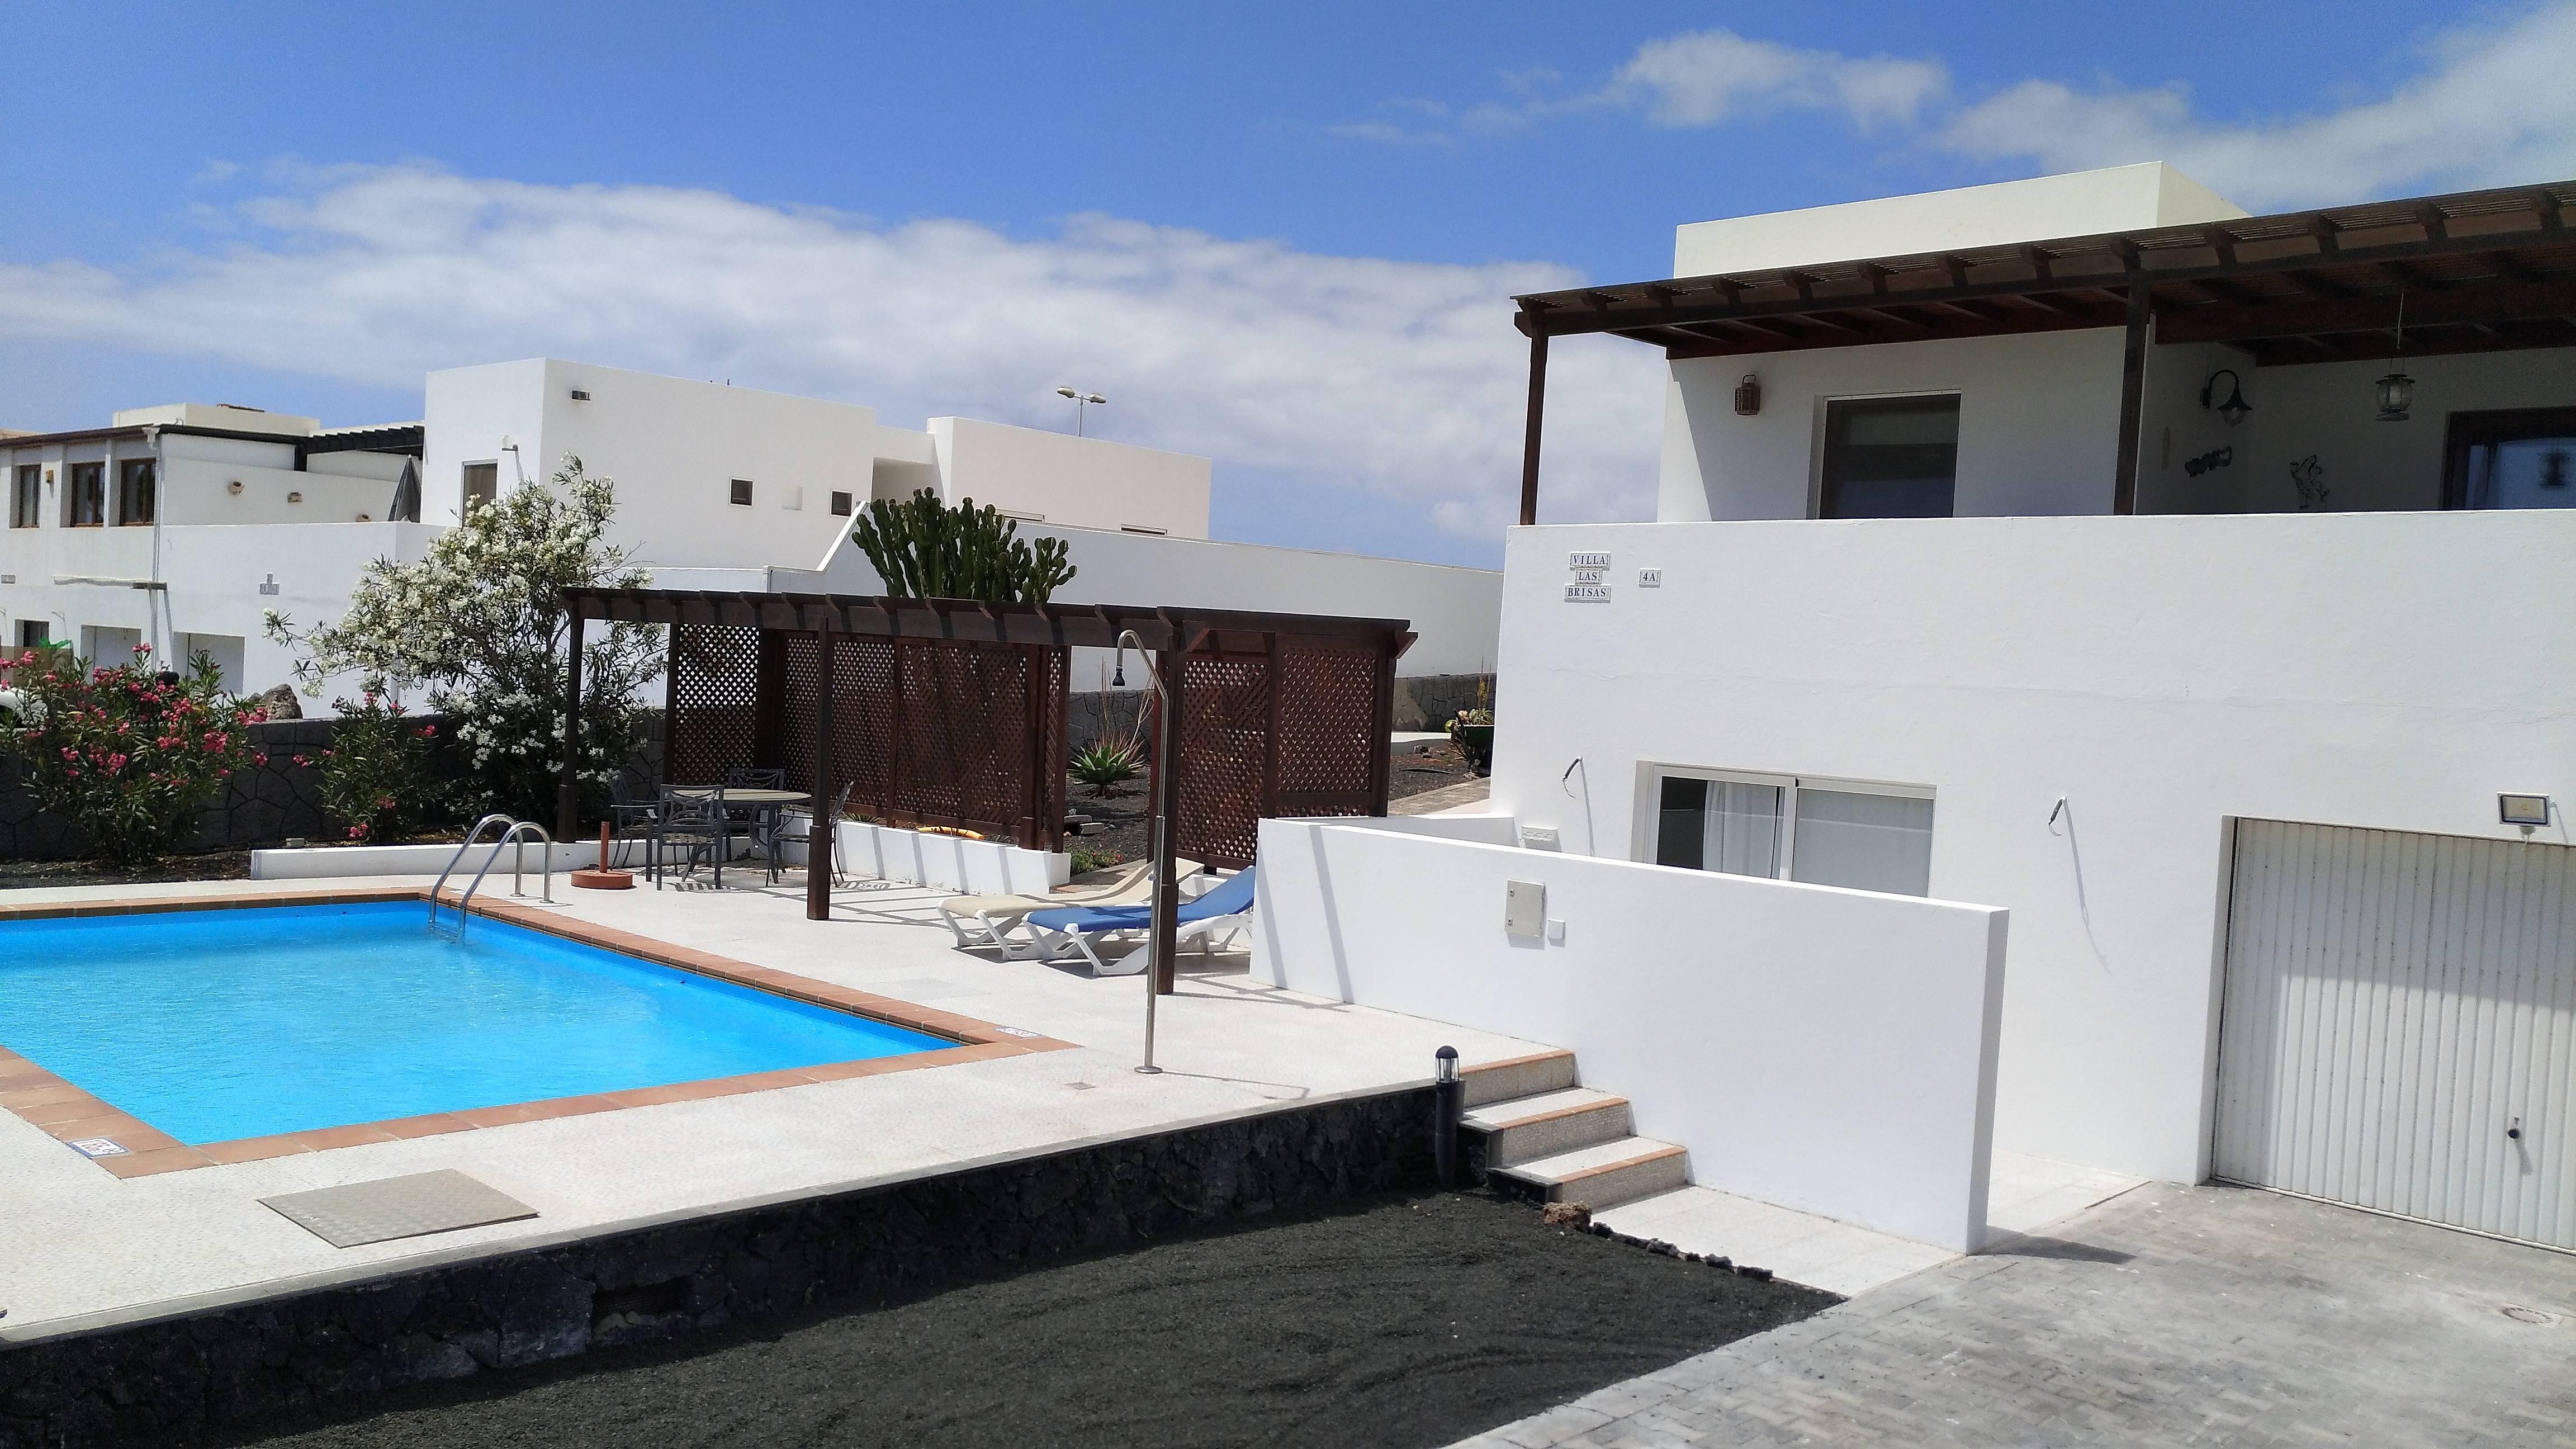 Casa en alquiler a 300 m de la playa playa blanca yaiza - Alquiler casas en lanzarote ...